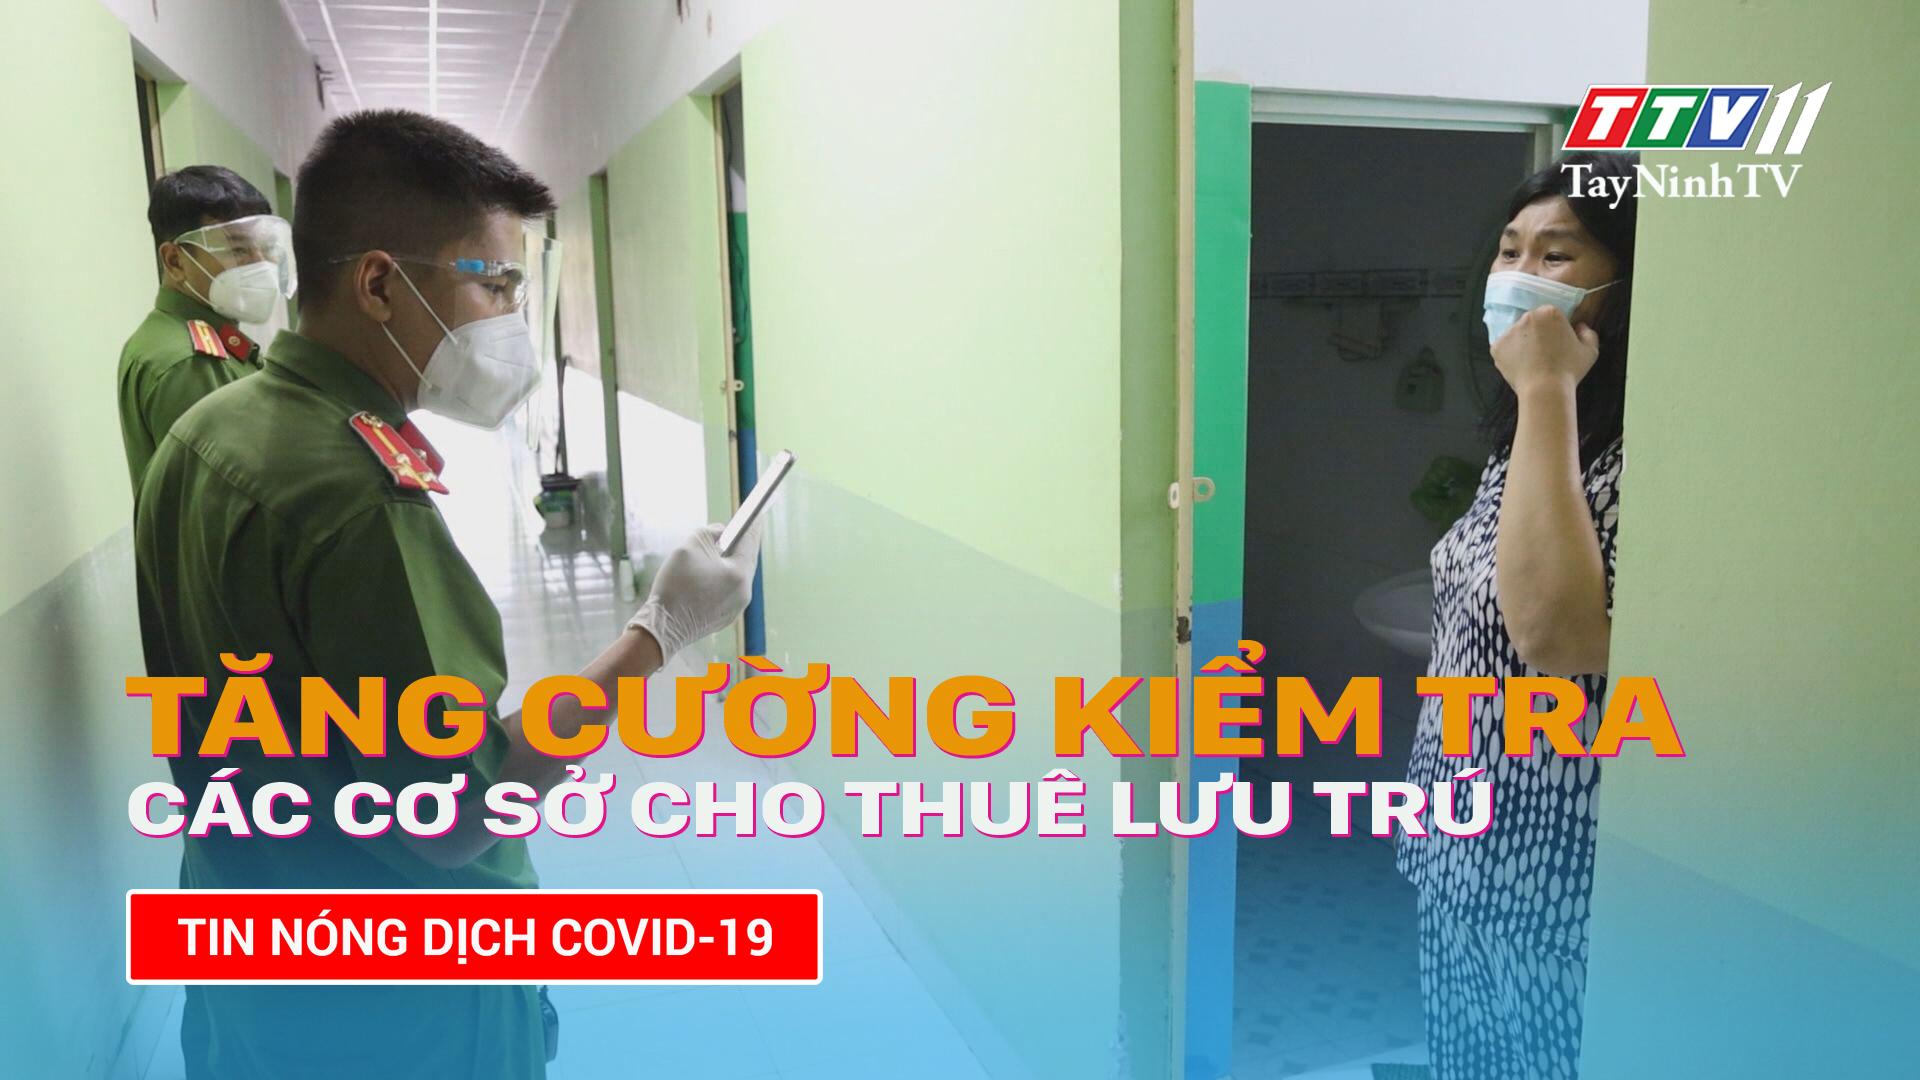 Tăng cường kiểm tra các cơ sở cho thuê lưu trú trên địa bàn tỉnh | TayNinhTV